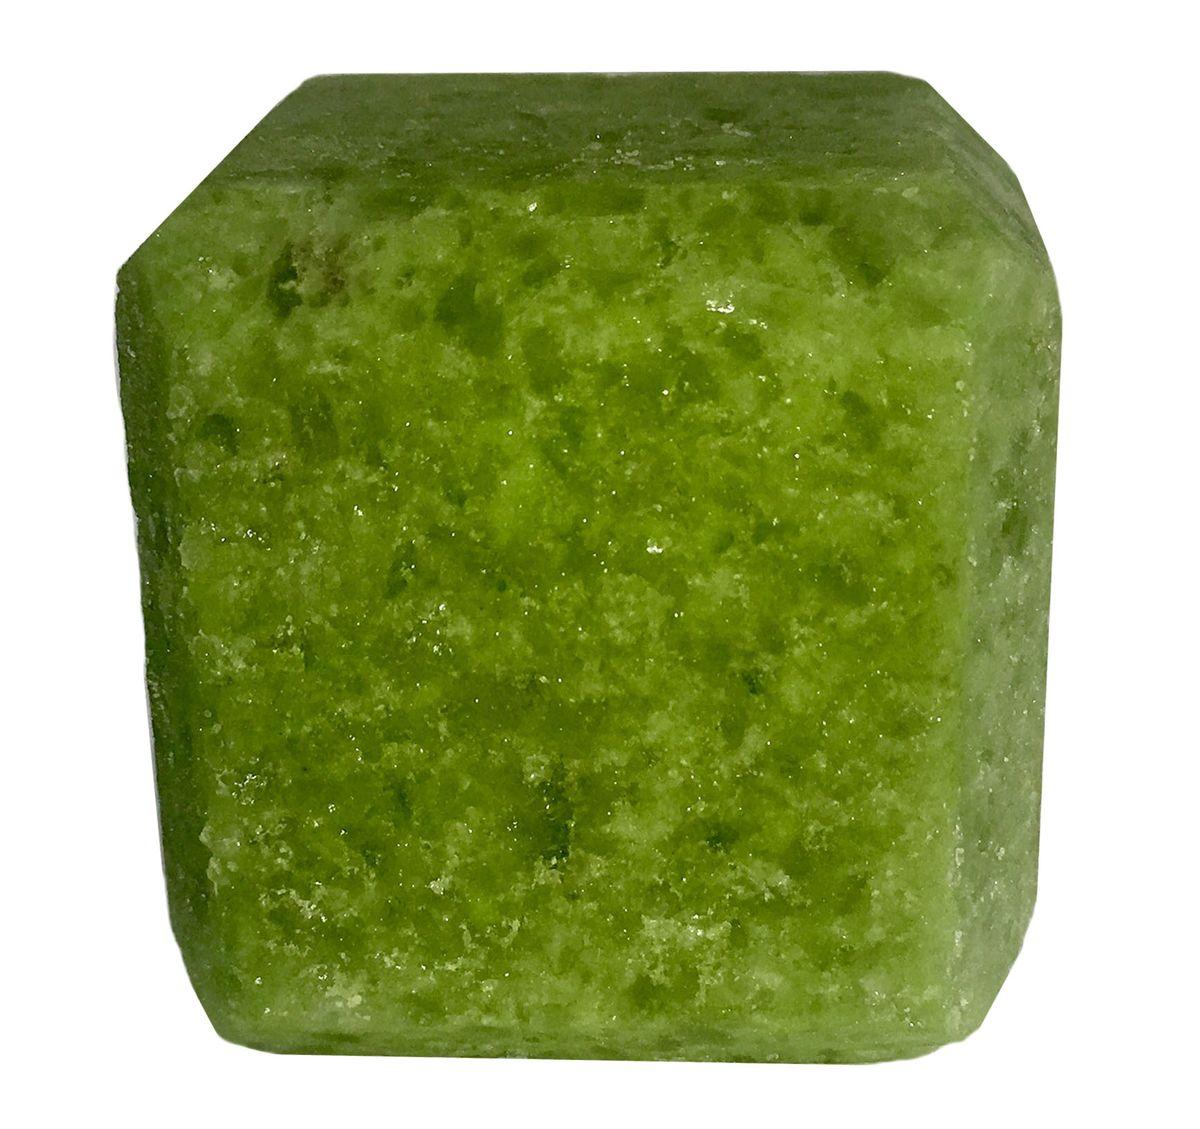 Соль для бани Proffi Sauna, с маслом кедраPS0549Прессованный кубик из соли Proffi Sauna подходит для сауны и бани. Имеет приятный аромат кедра. Заходя в бане / сауне в парилку, Вы ставите кубик из соли на камни и поливаете камень водой. В результате образуется облако соляного пара, а по всей парилке разносится приятный аромат.1 кубик рассчитан на 1 применение. Состав: чистая природная структурированная соль, эфирное масло.